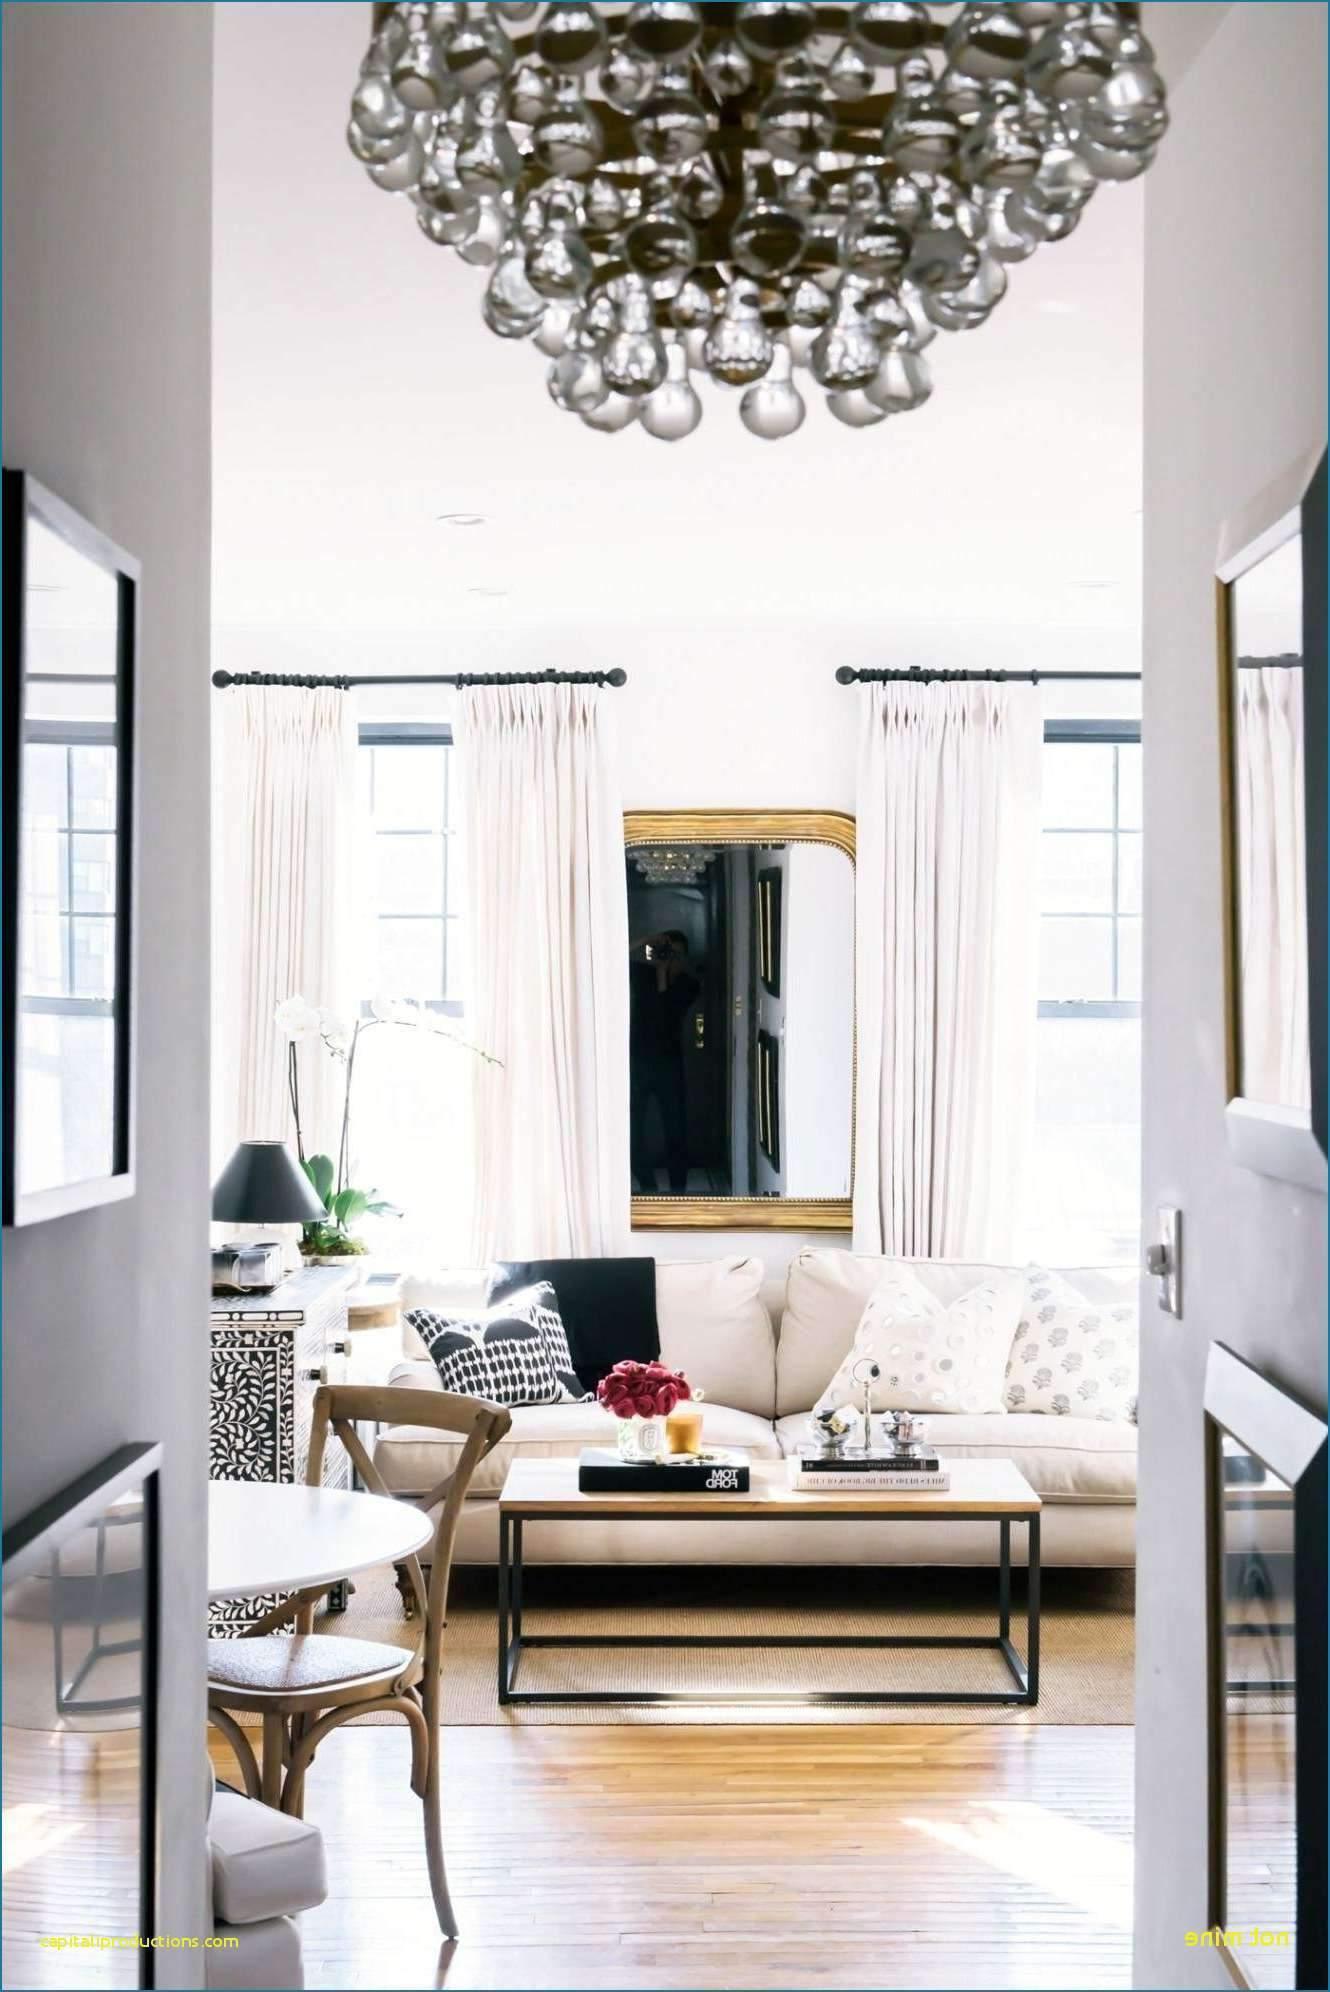 wohnzimmer mediterran luxus elegant mediterranes wohnzimmer of wohnzimmer mediterran